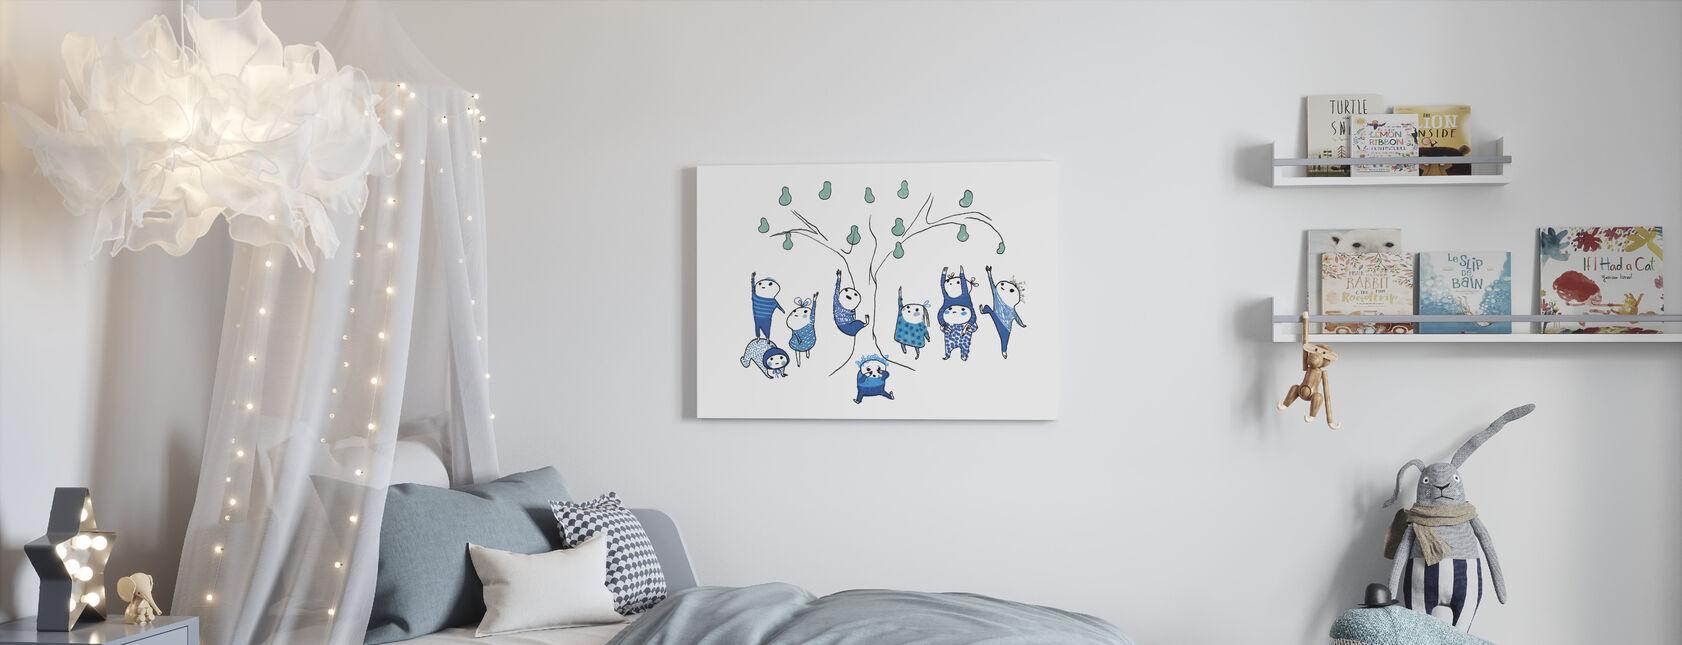 Nine Small Blue Kann Nicht erreichen - Leinwandbild - Kinderzimmer